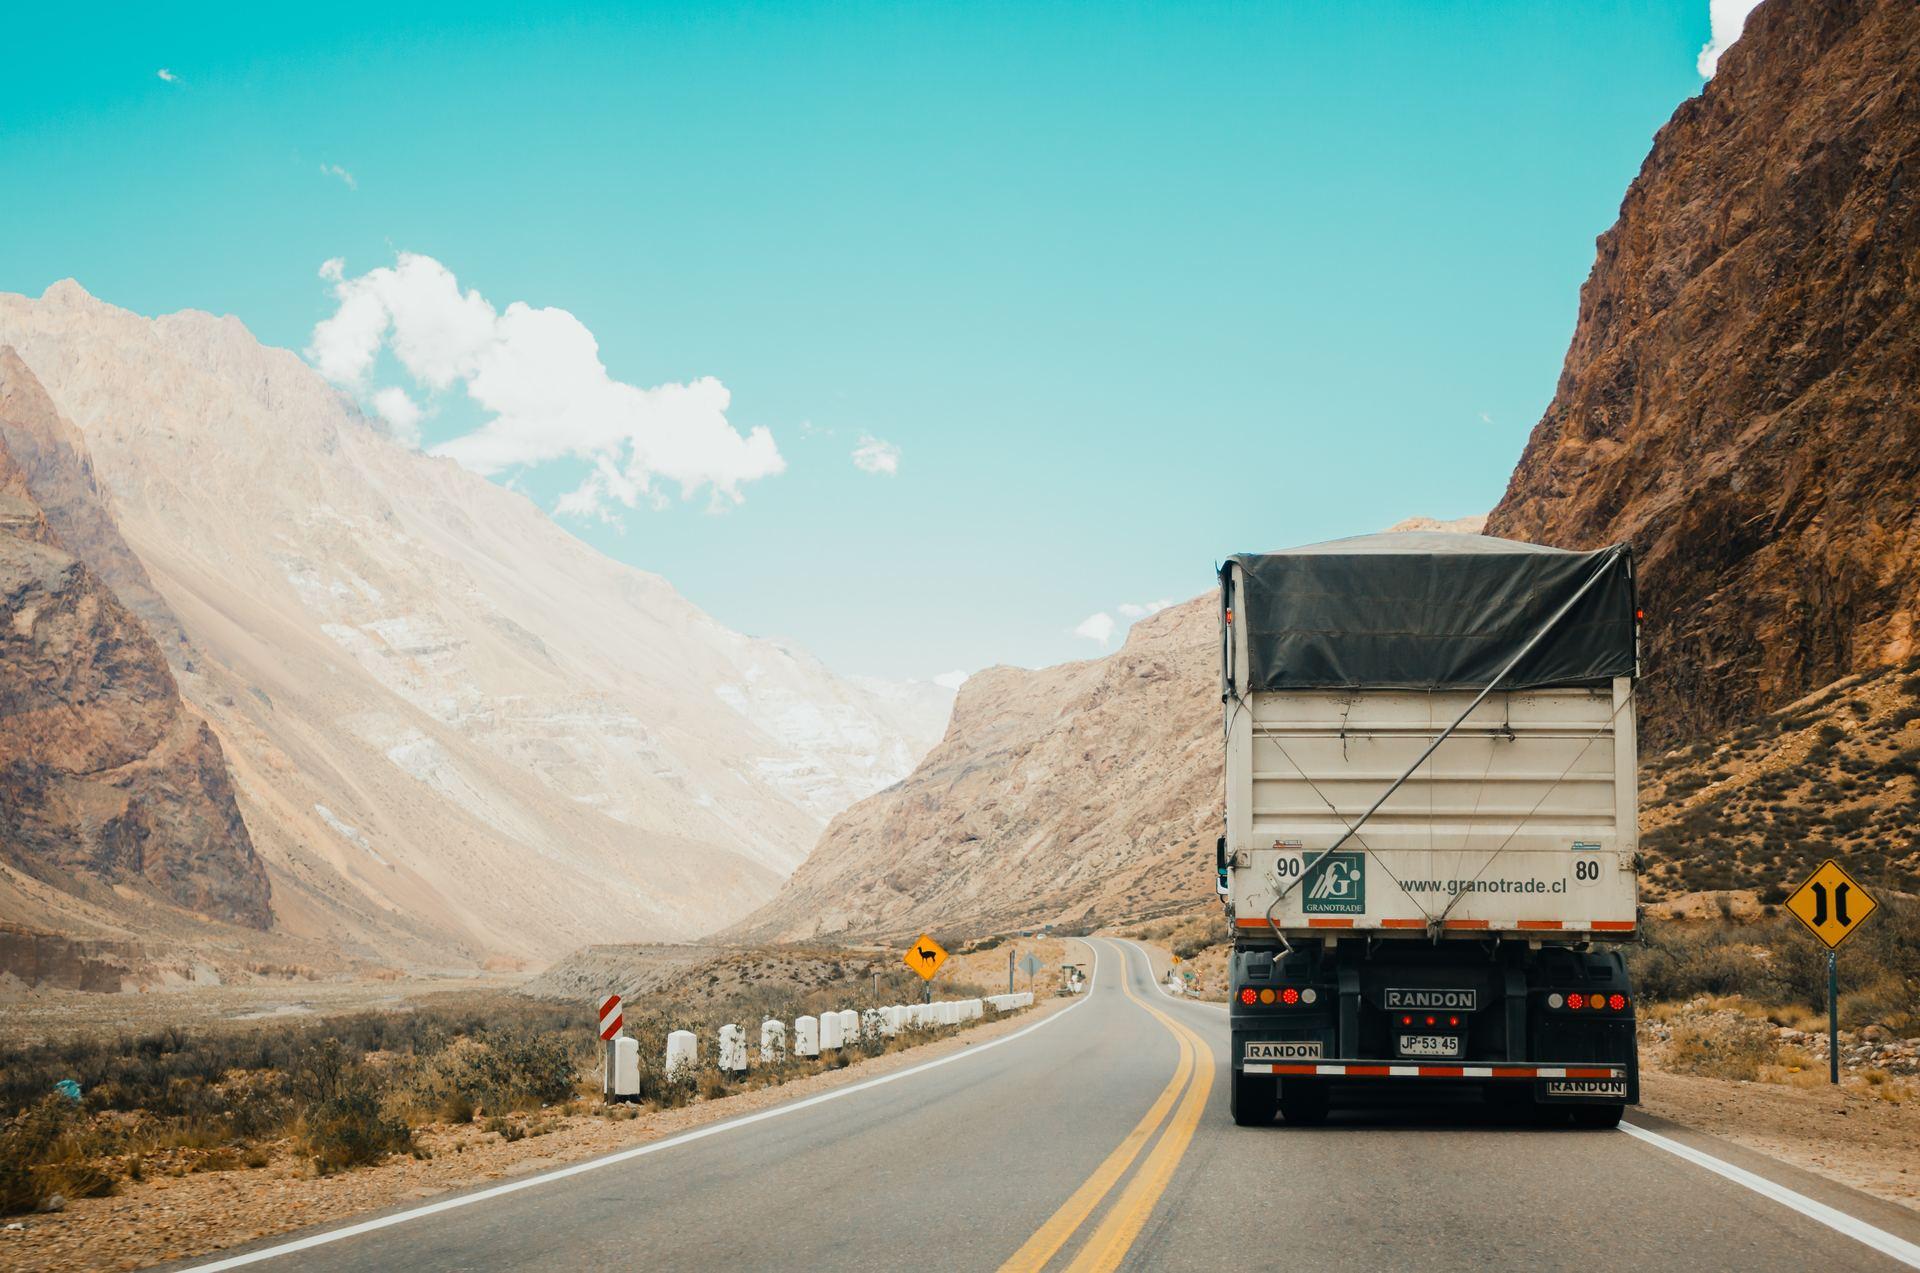 Välfungerande reservdelar för lastbil